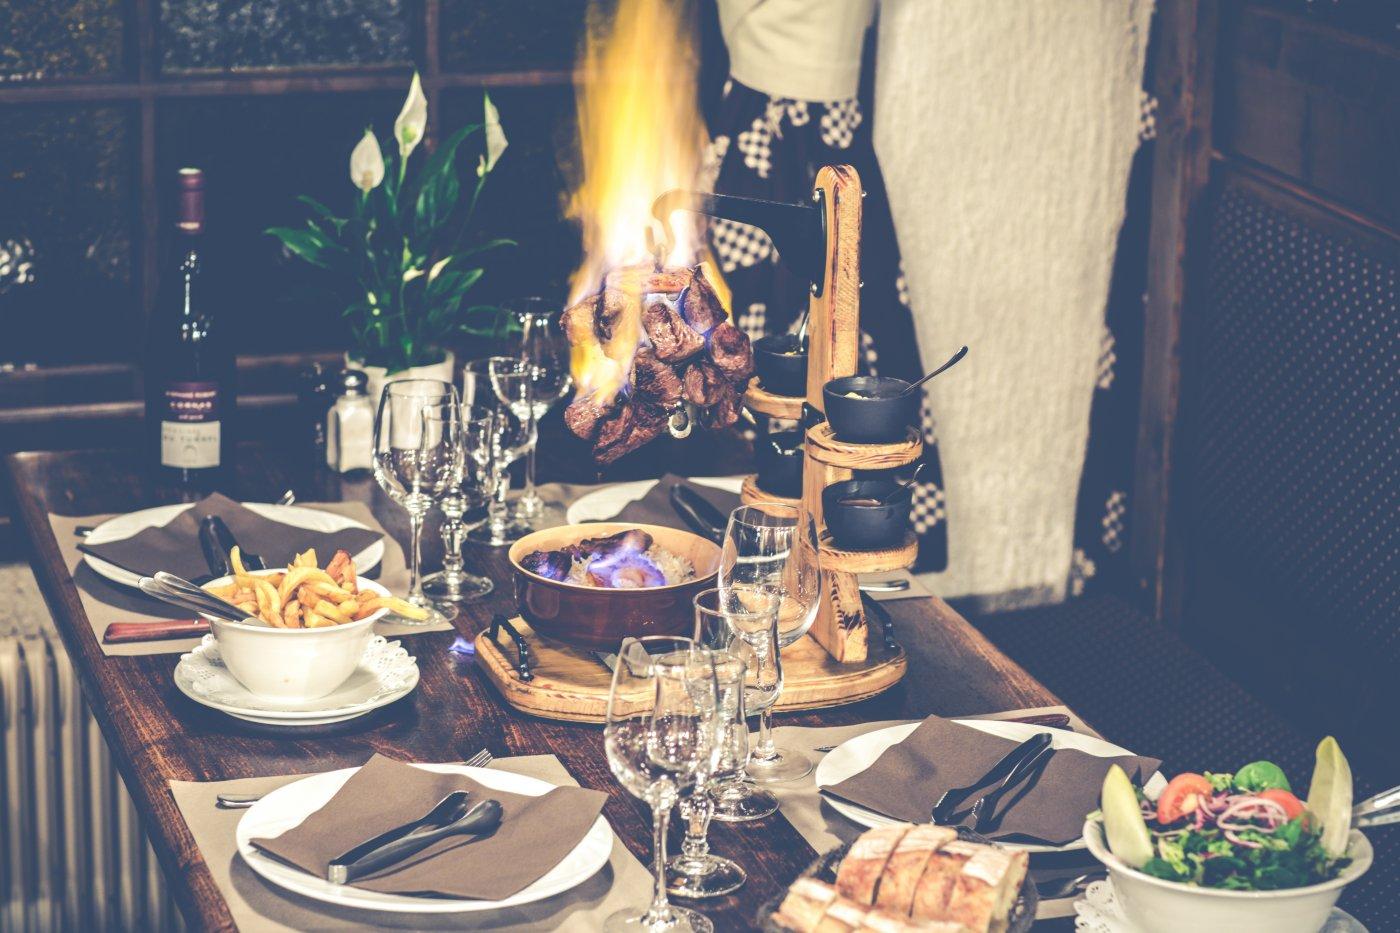 etale-a-morzine-pouvez-aller-pour-un-repas-sur-pouce-midi-comme-pour-un-festin-tard-soir